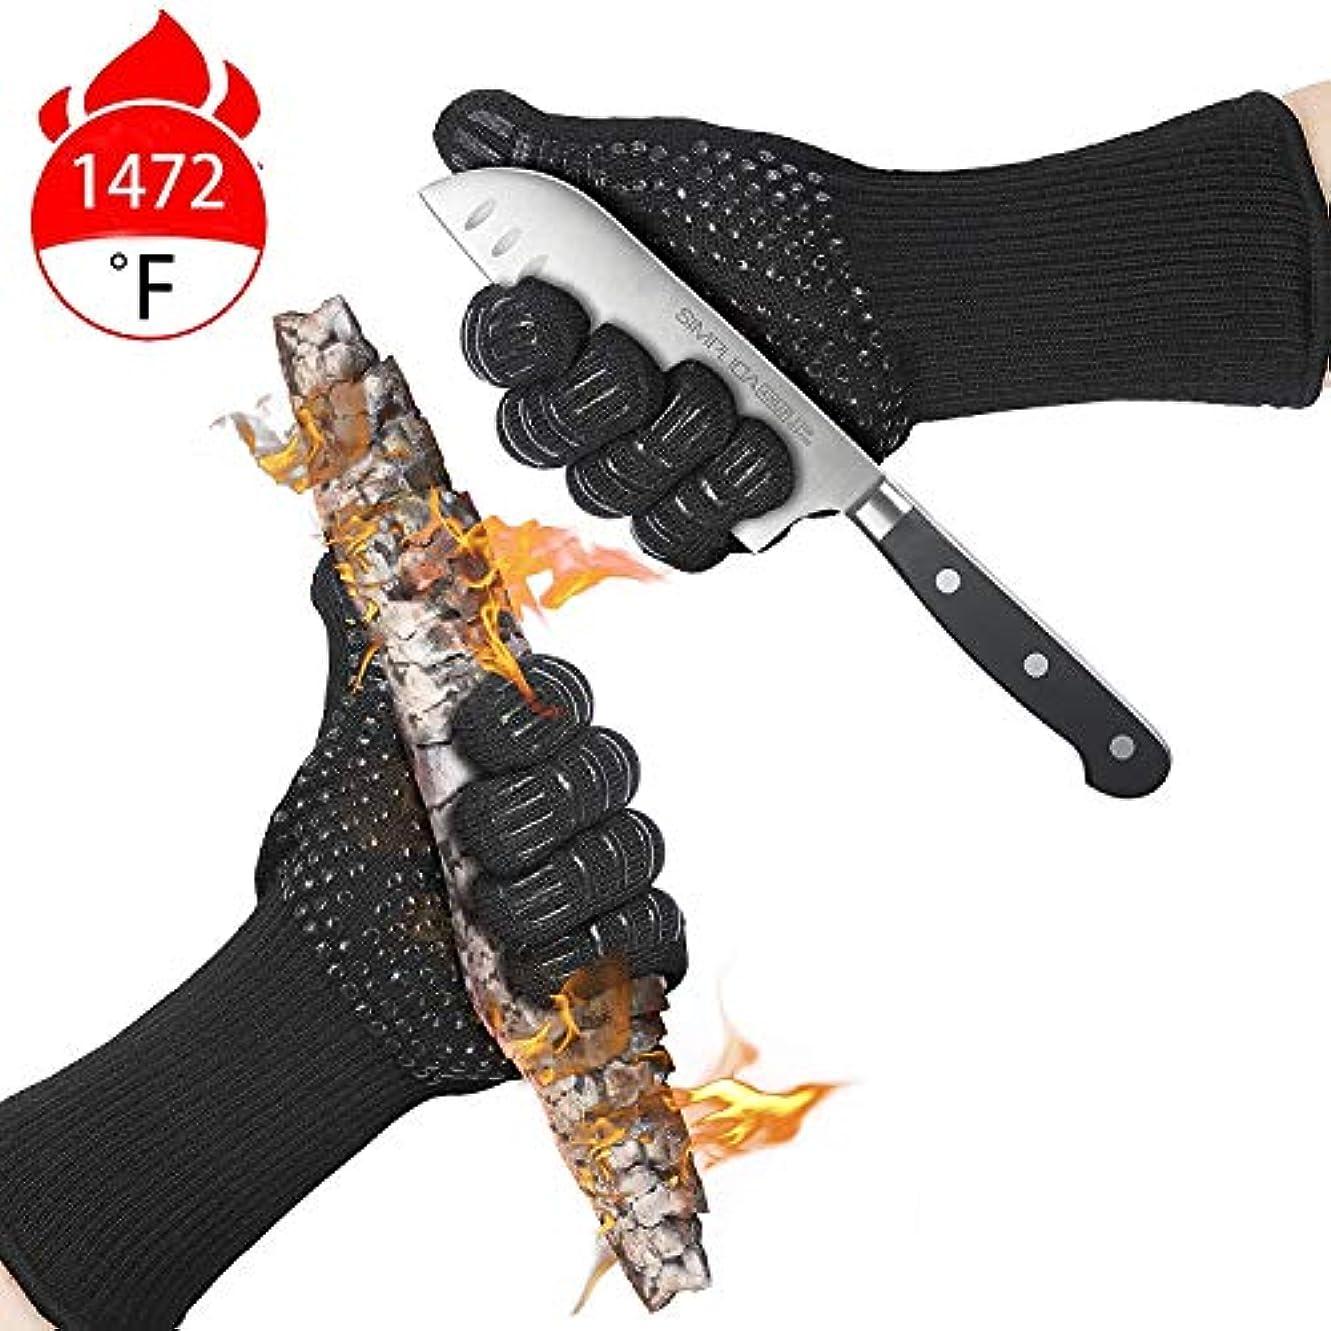 耐熱グローブ キャンプグローブ バーベキューグローブ クッキンググローブ 耐熱手袋 最高耐熱温度800℃ 滑り止め 両手兼用 5本指 着脱簡単 鍋掴み 調理道具